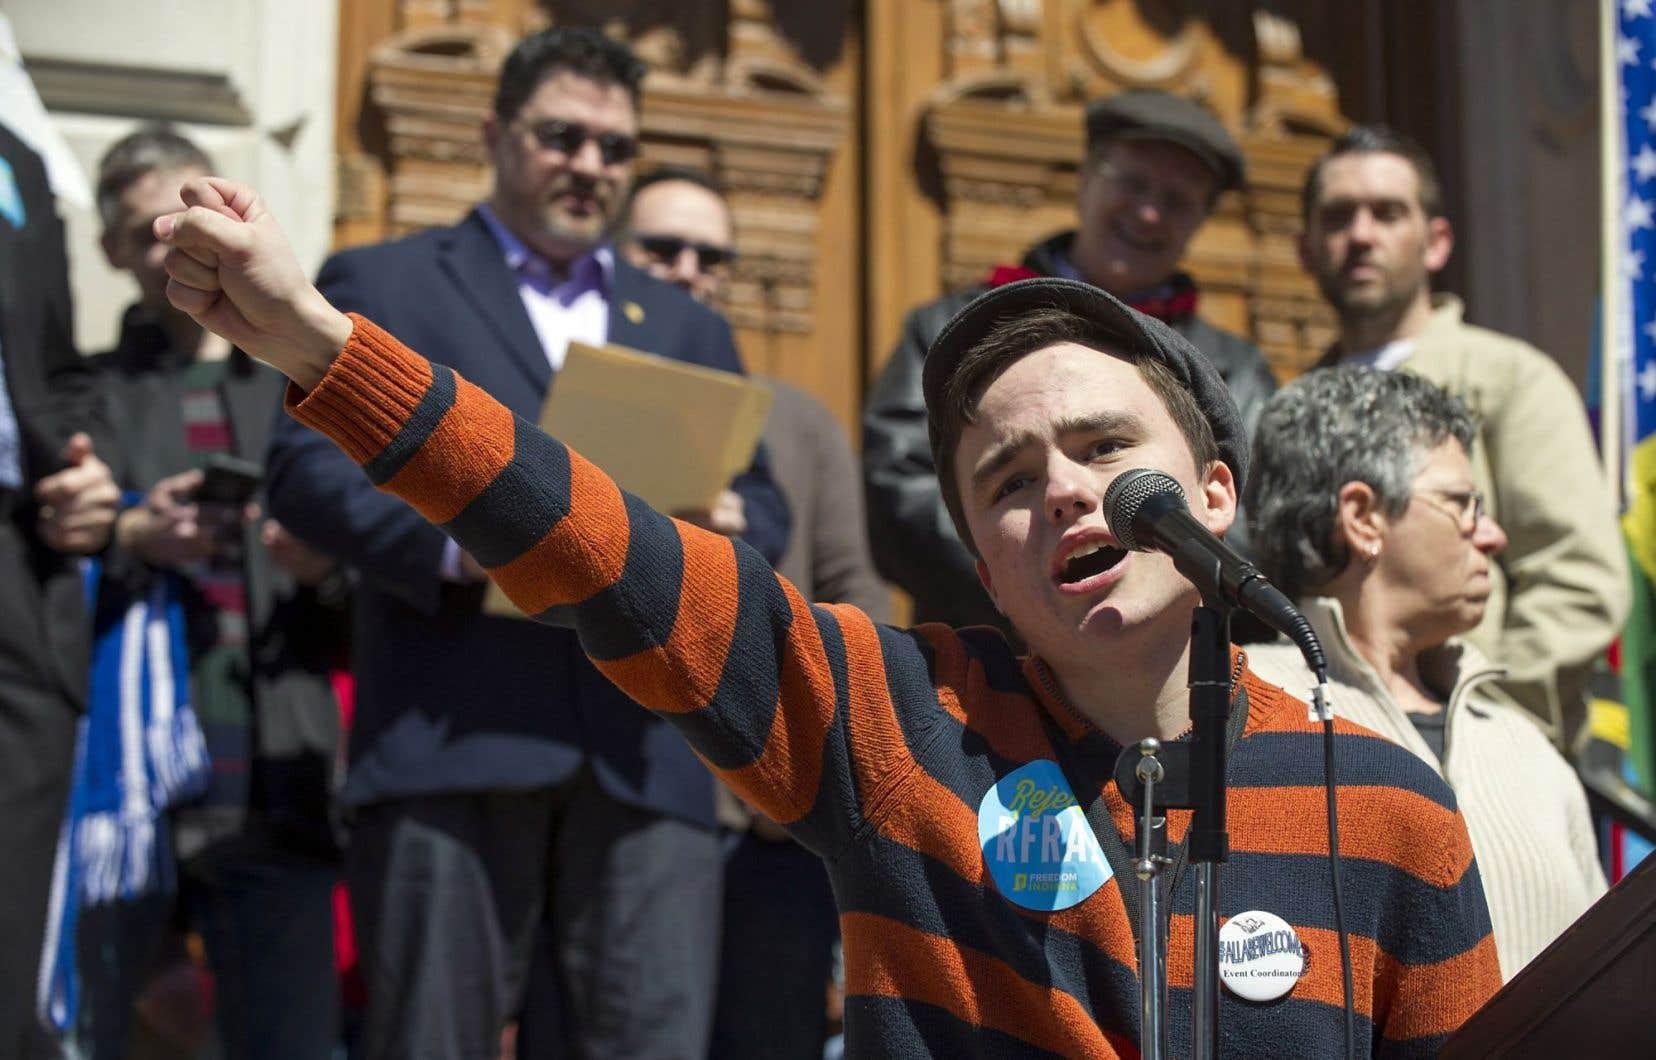 Samedi, à Indianapolis, le jeune Jackson Blanchard, 18ans, a tenu un discours devant des milliers de personnes rassemblées pour s'opposer au projet de loi.